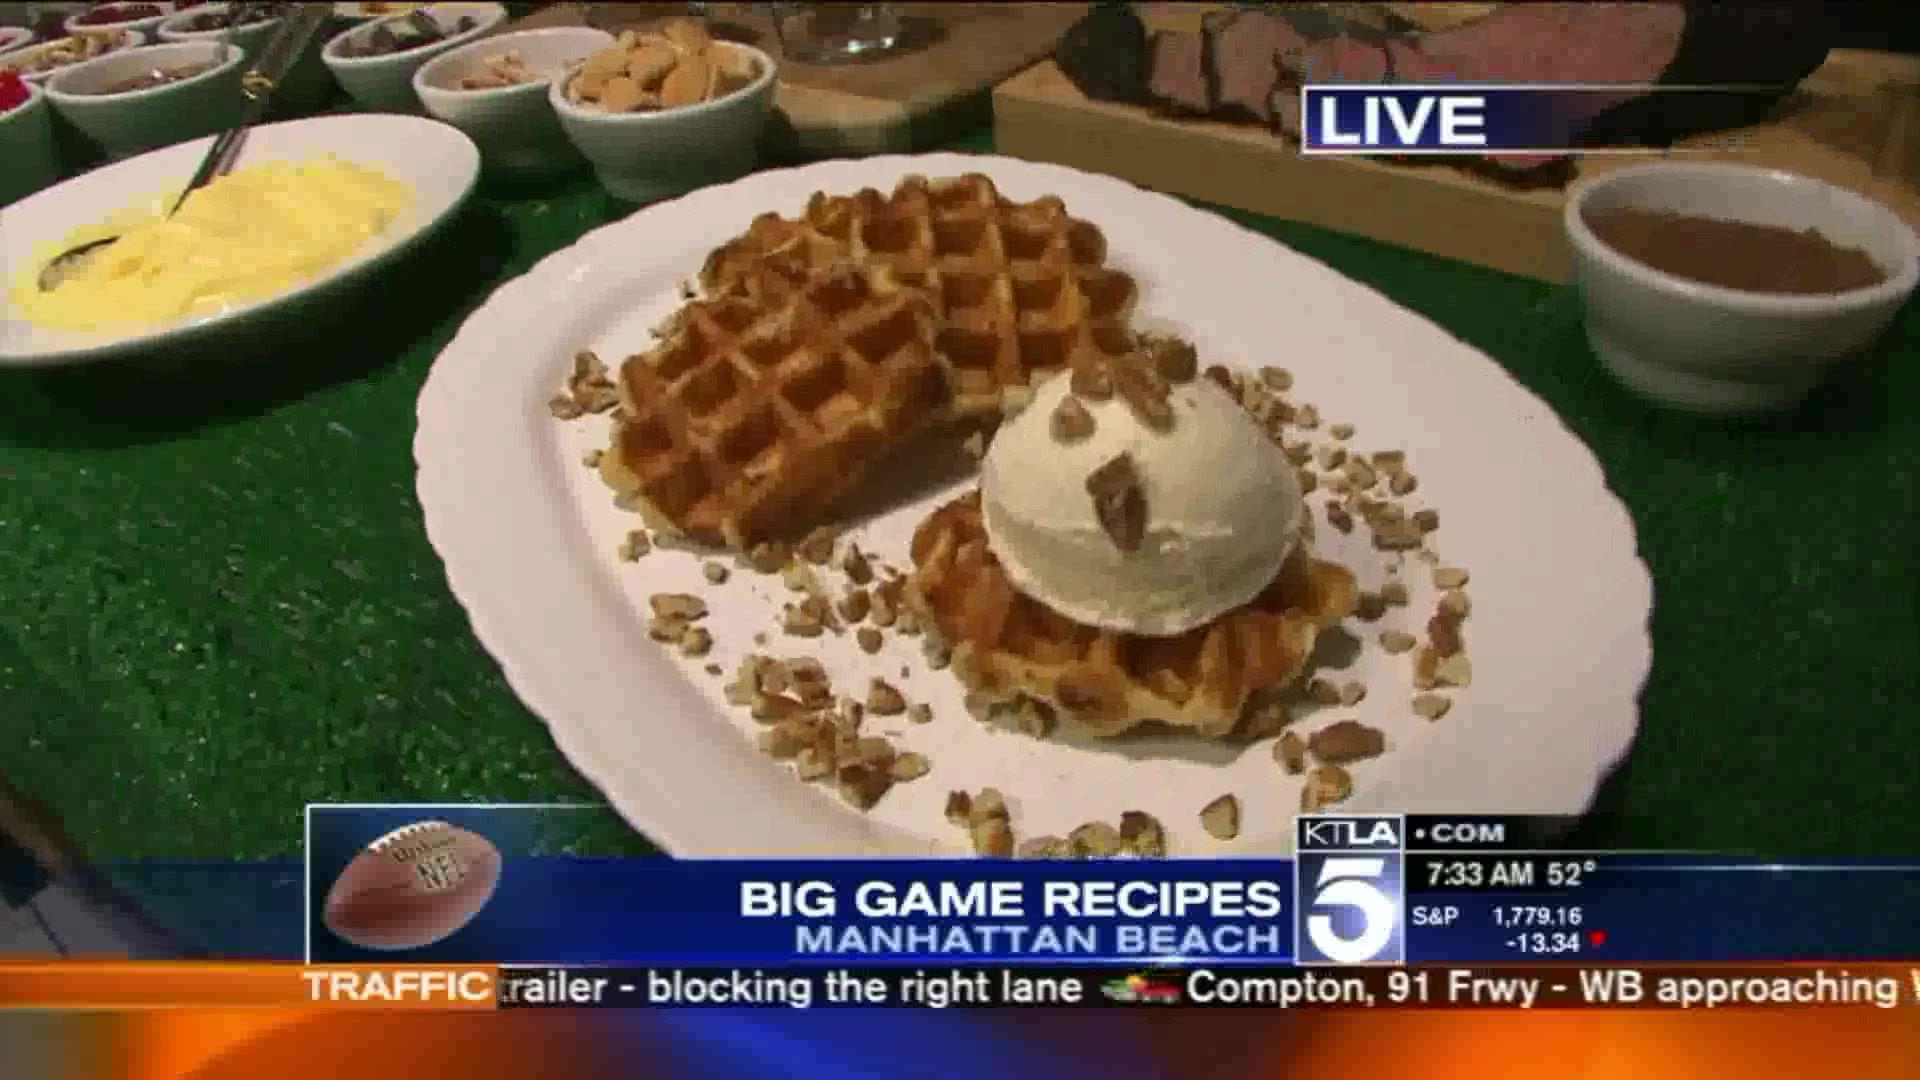 Super Bowl Recipes: 4th Quarter Sweets